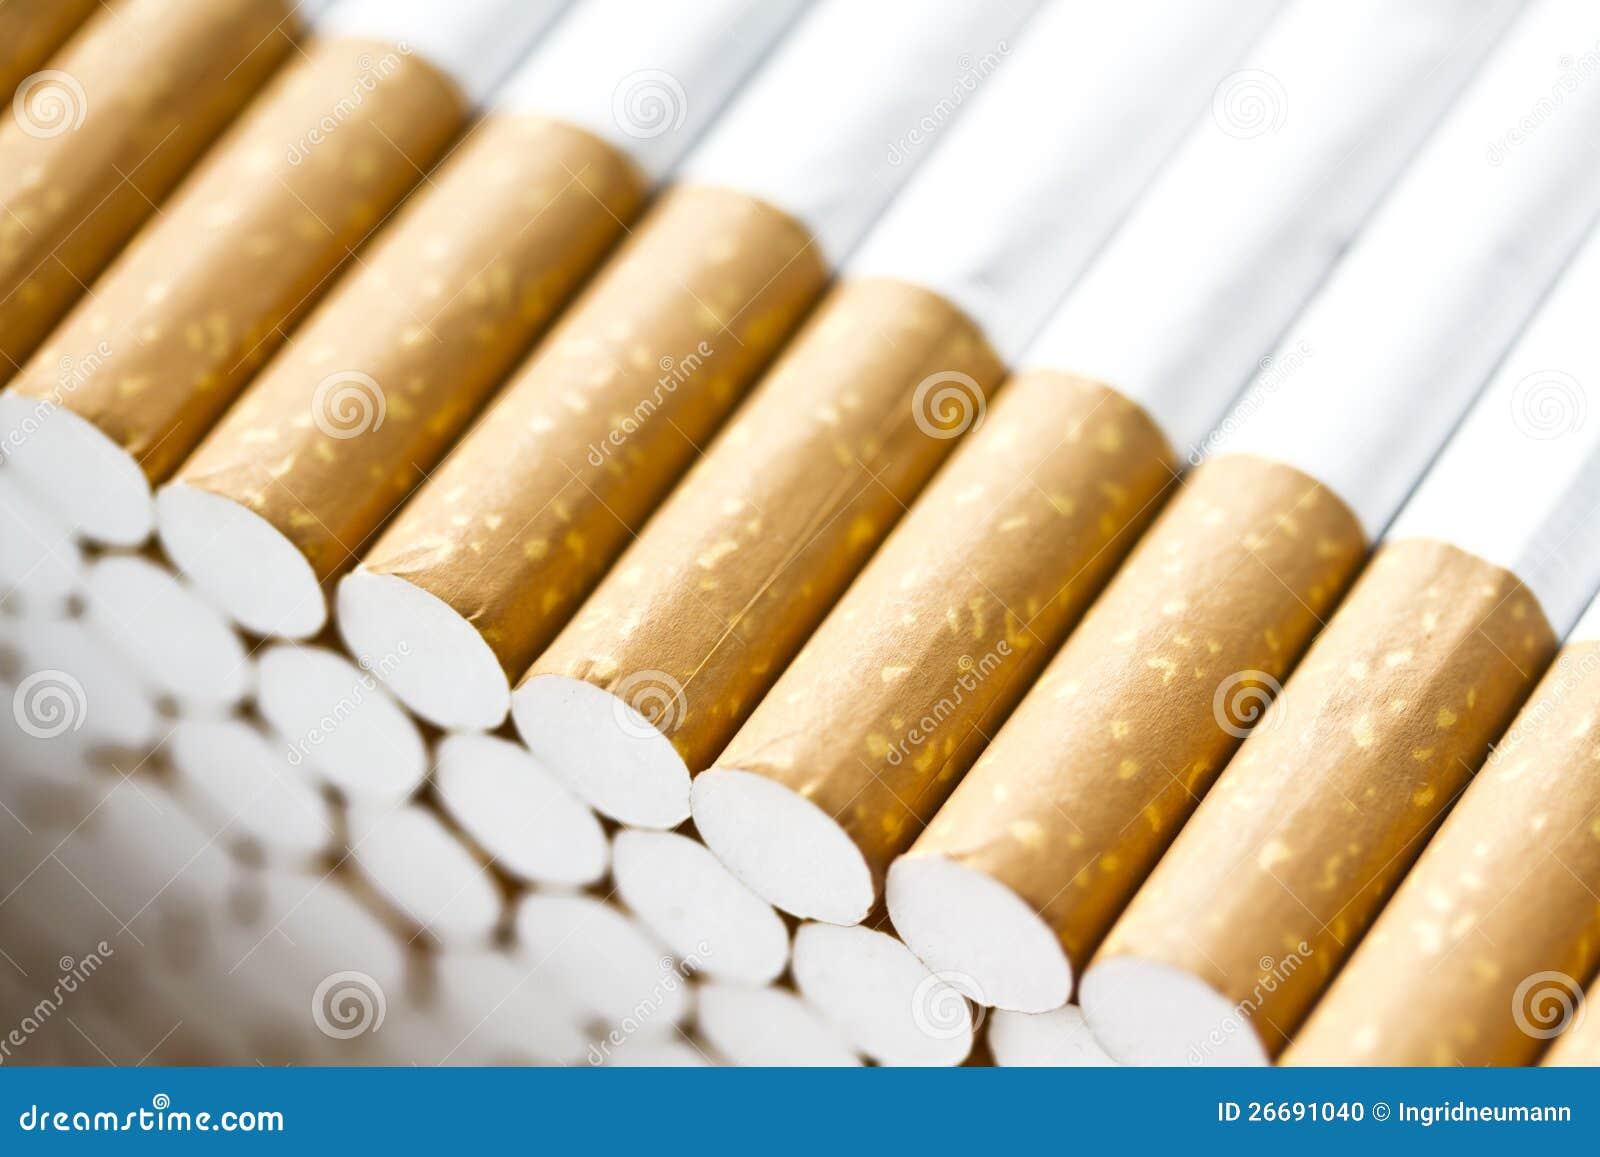 香烟 库存照片 - 图片: 26691040图片